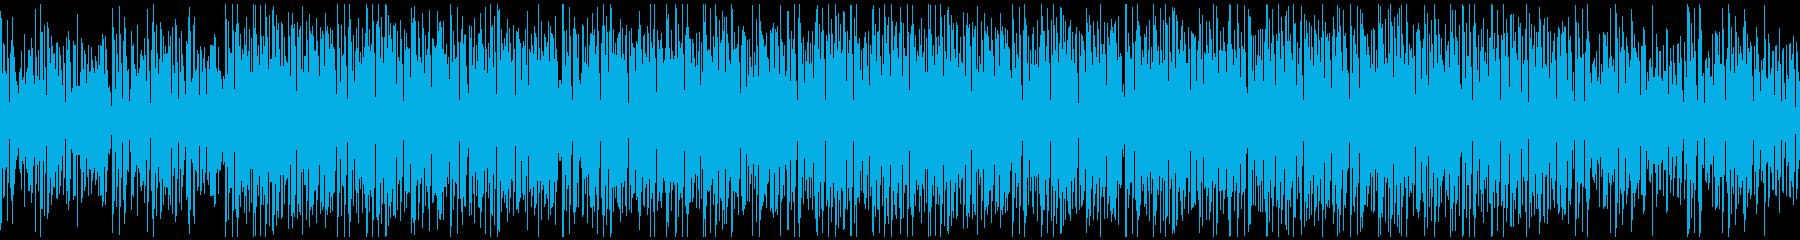 疾走感のあある躍動的なファンキーBGMの再生済みの波形